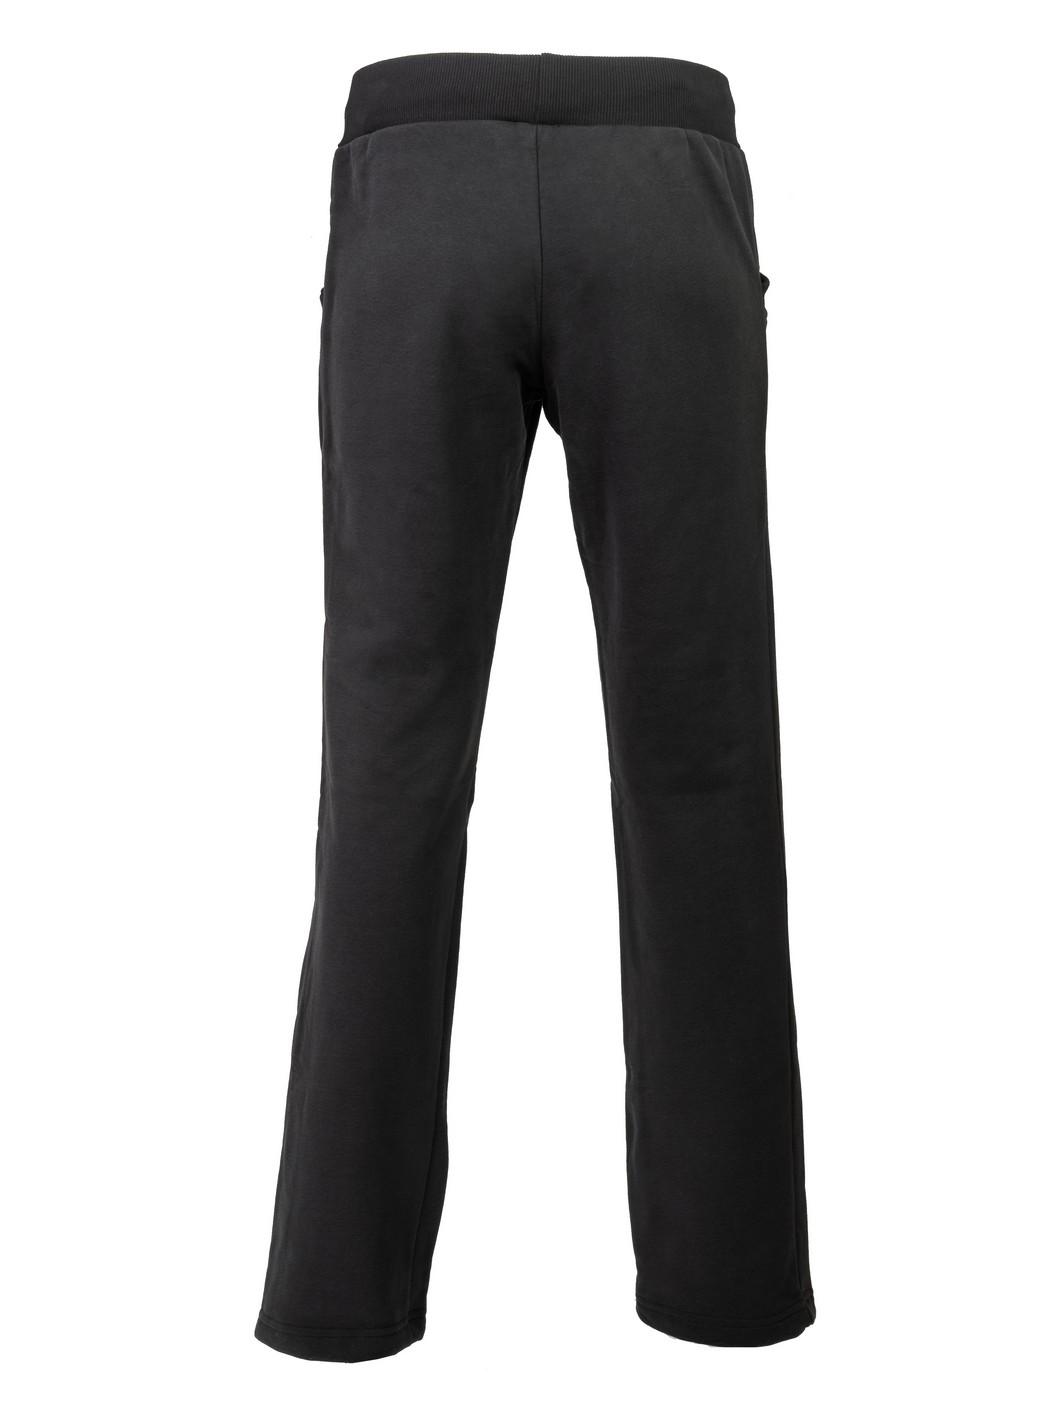 ženske pantalone crne